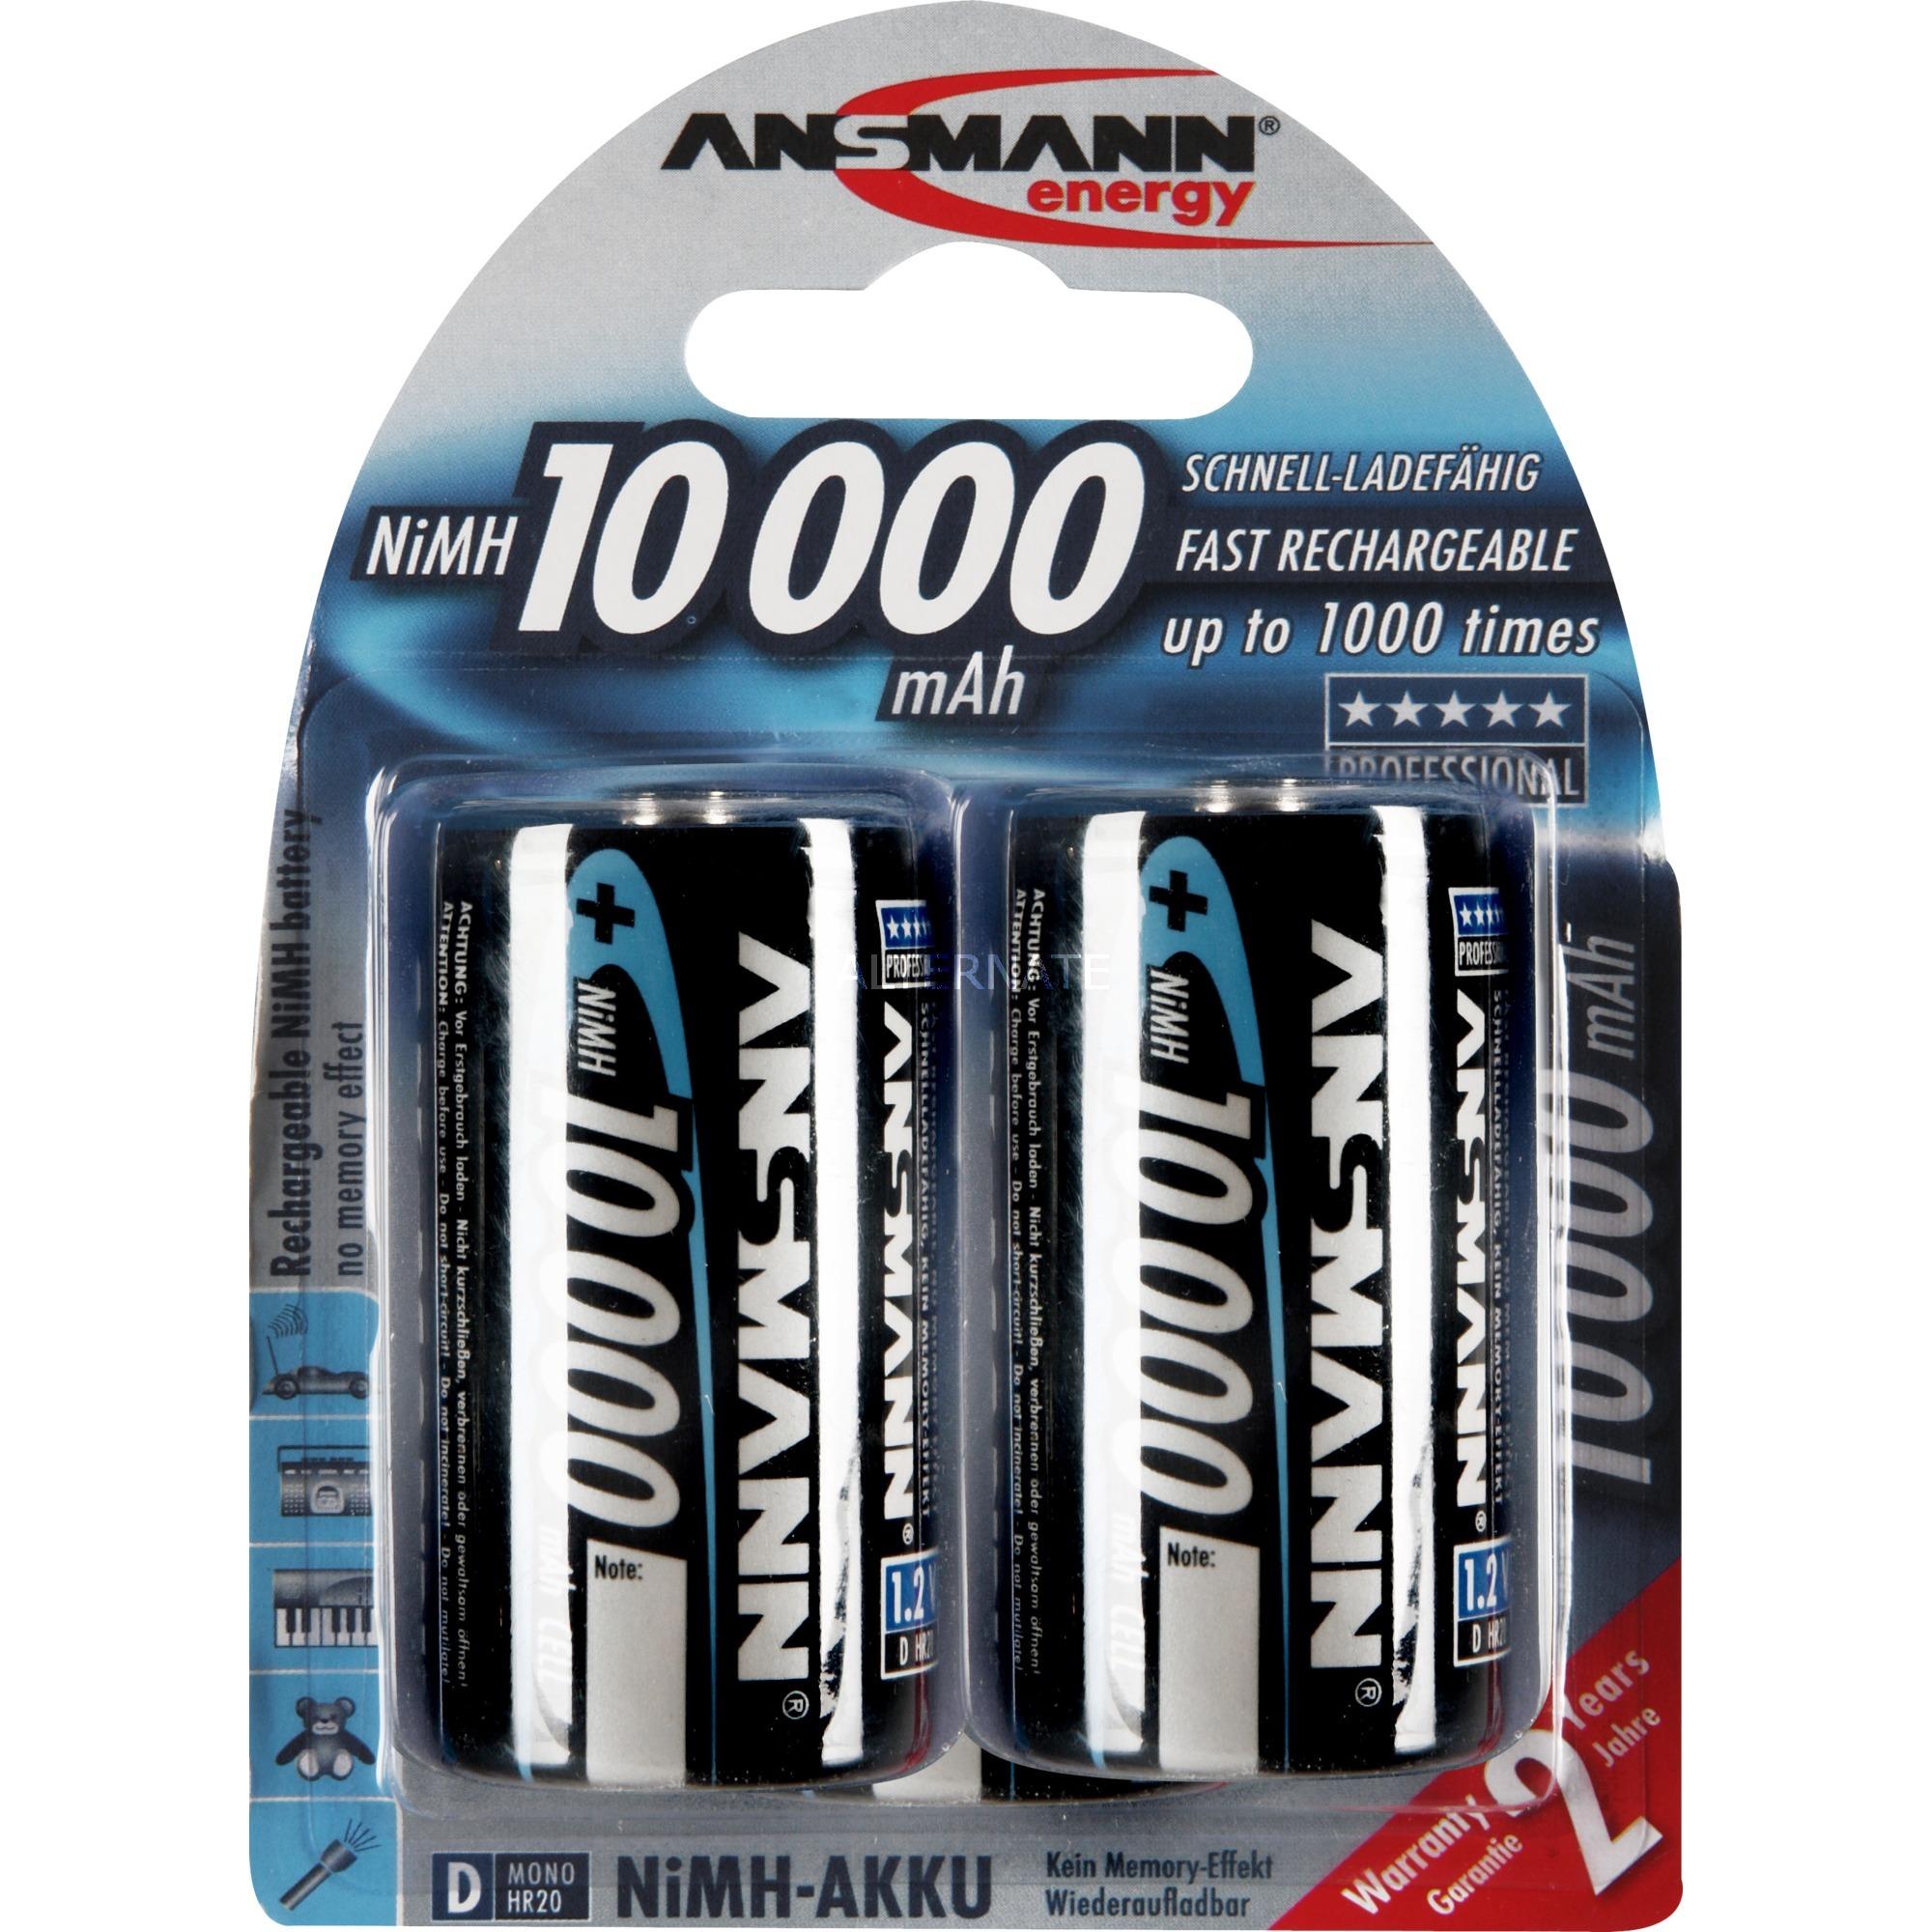 10000 mAh - Mono / D / HR20 Níquel-metal hidruro (NiMH), Batería